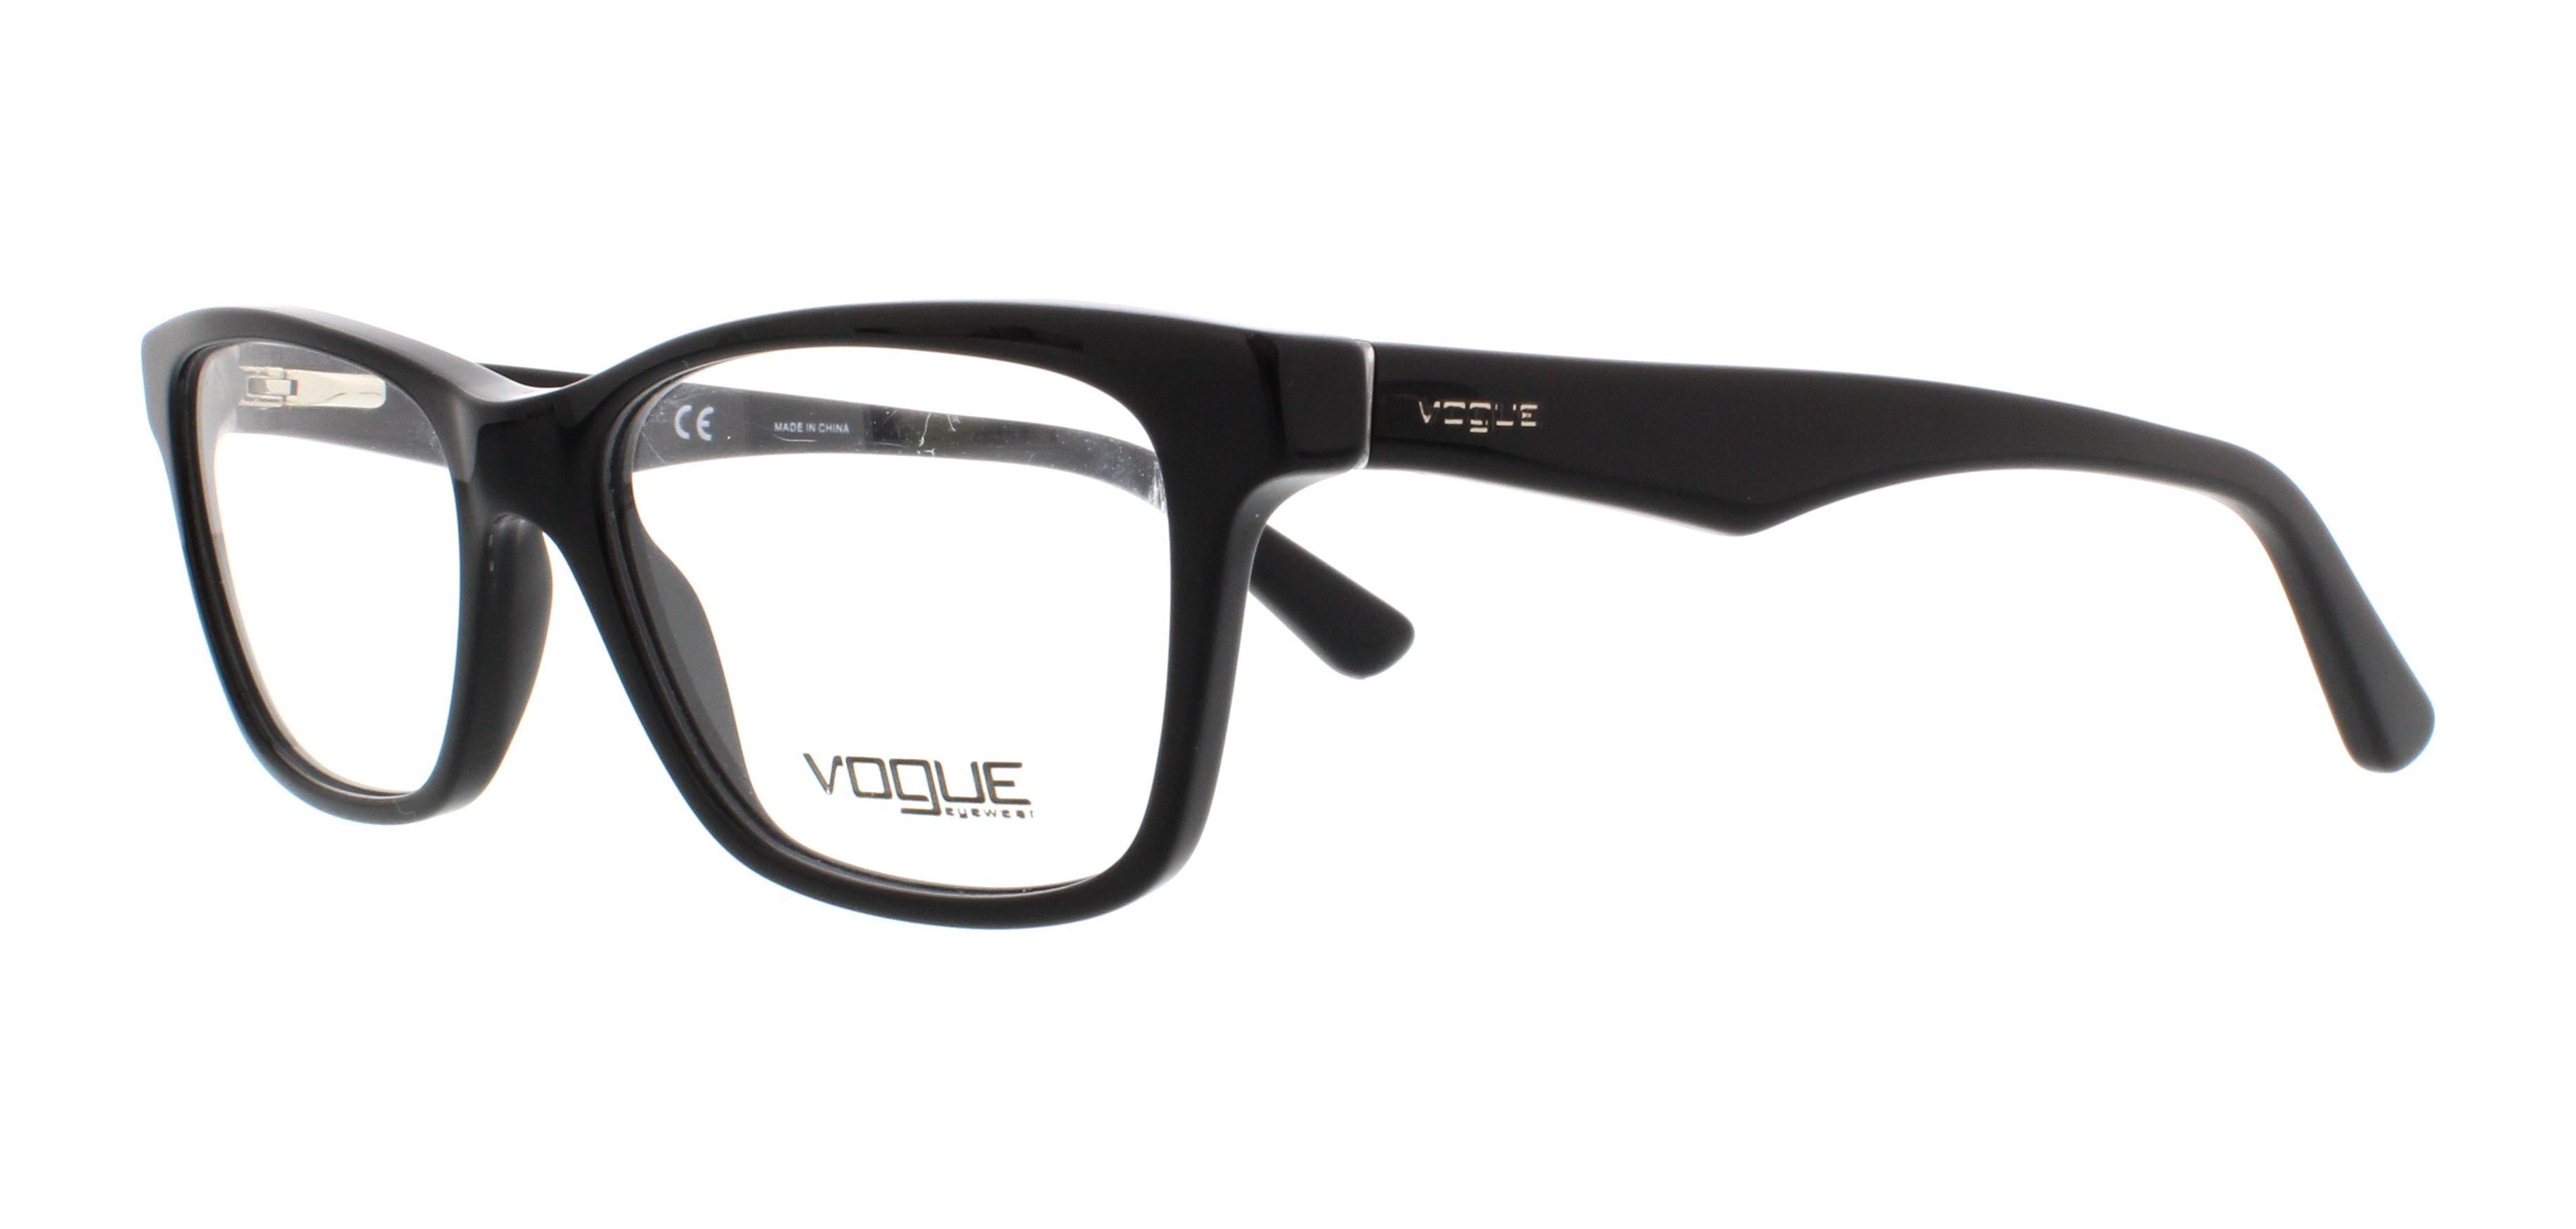 5452f09796 Designer Frames Outlet. Vogue VO2787